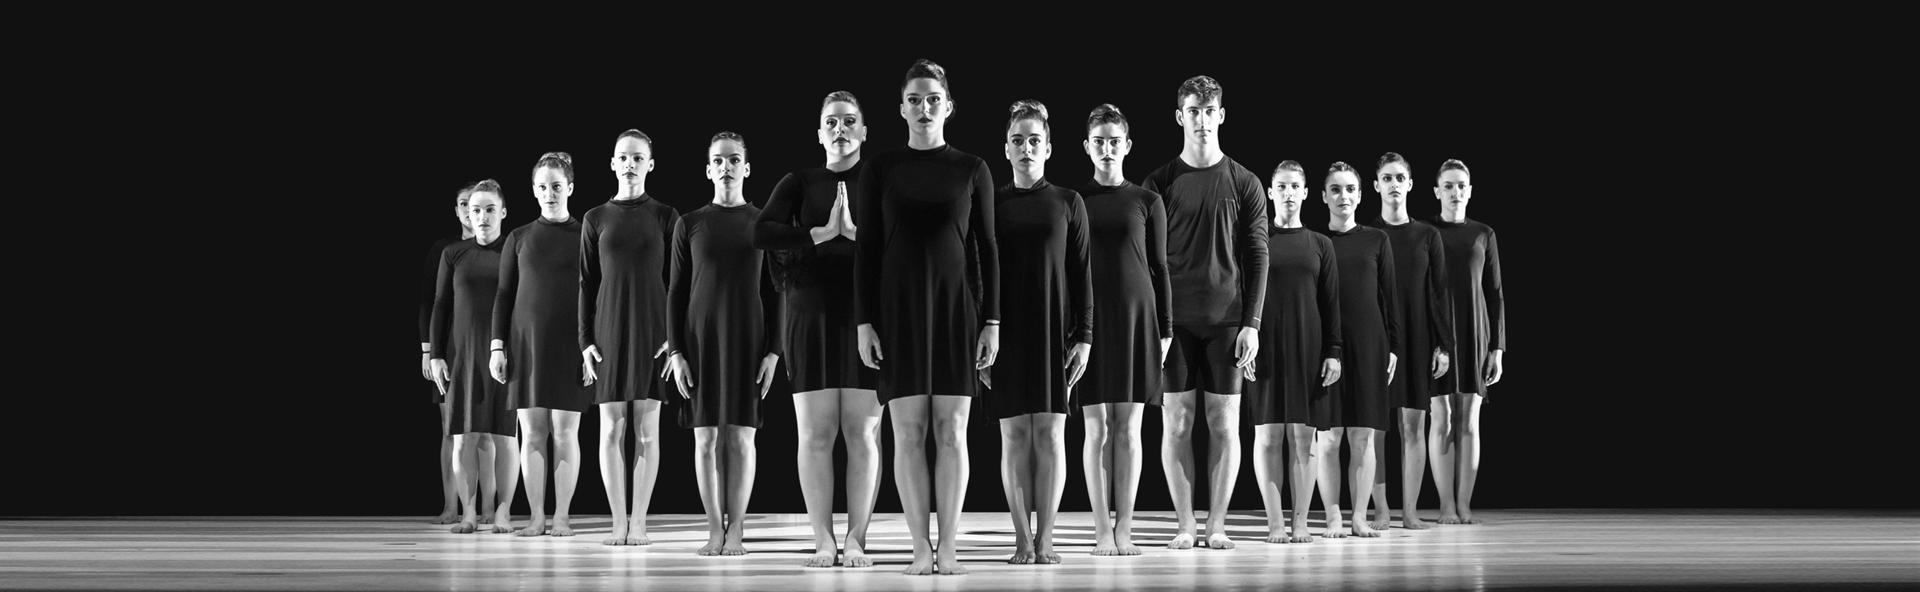 מופע סוף שנה של רקדני הסטודיו - סטודיו גלית